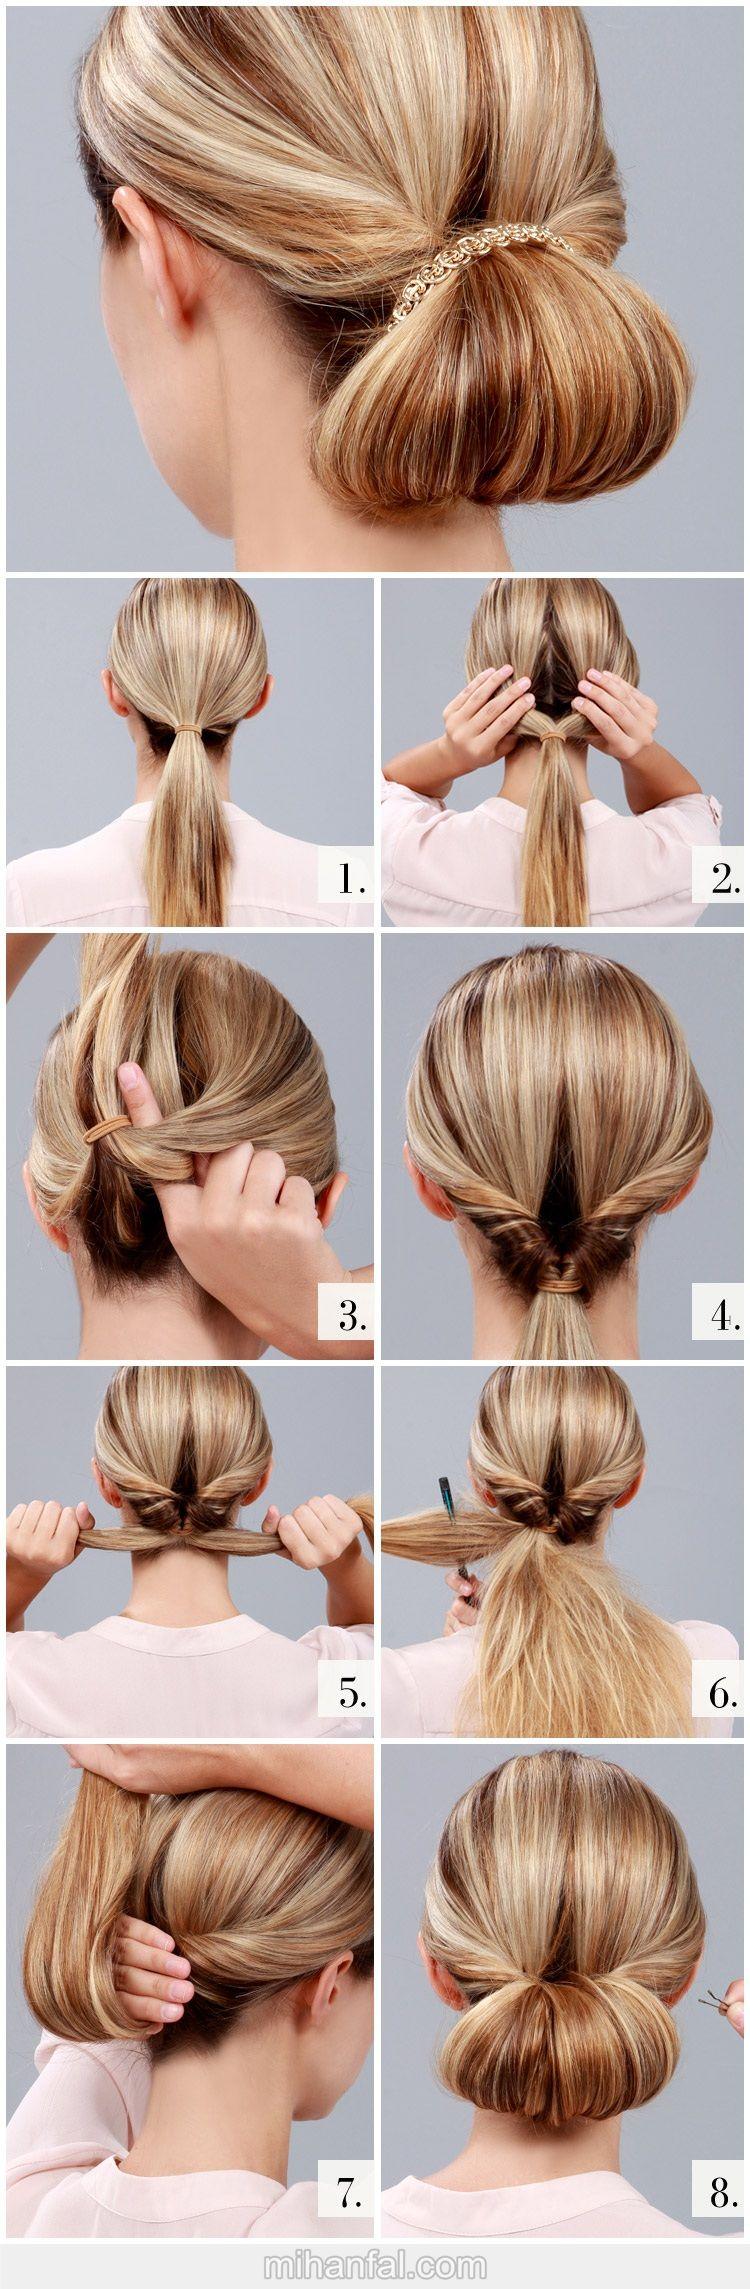 آموزش تصویری بافت مو به شکل رول